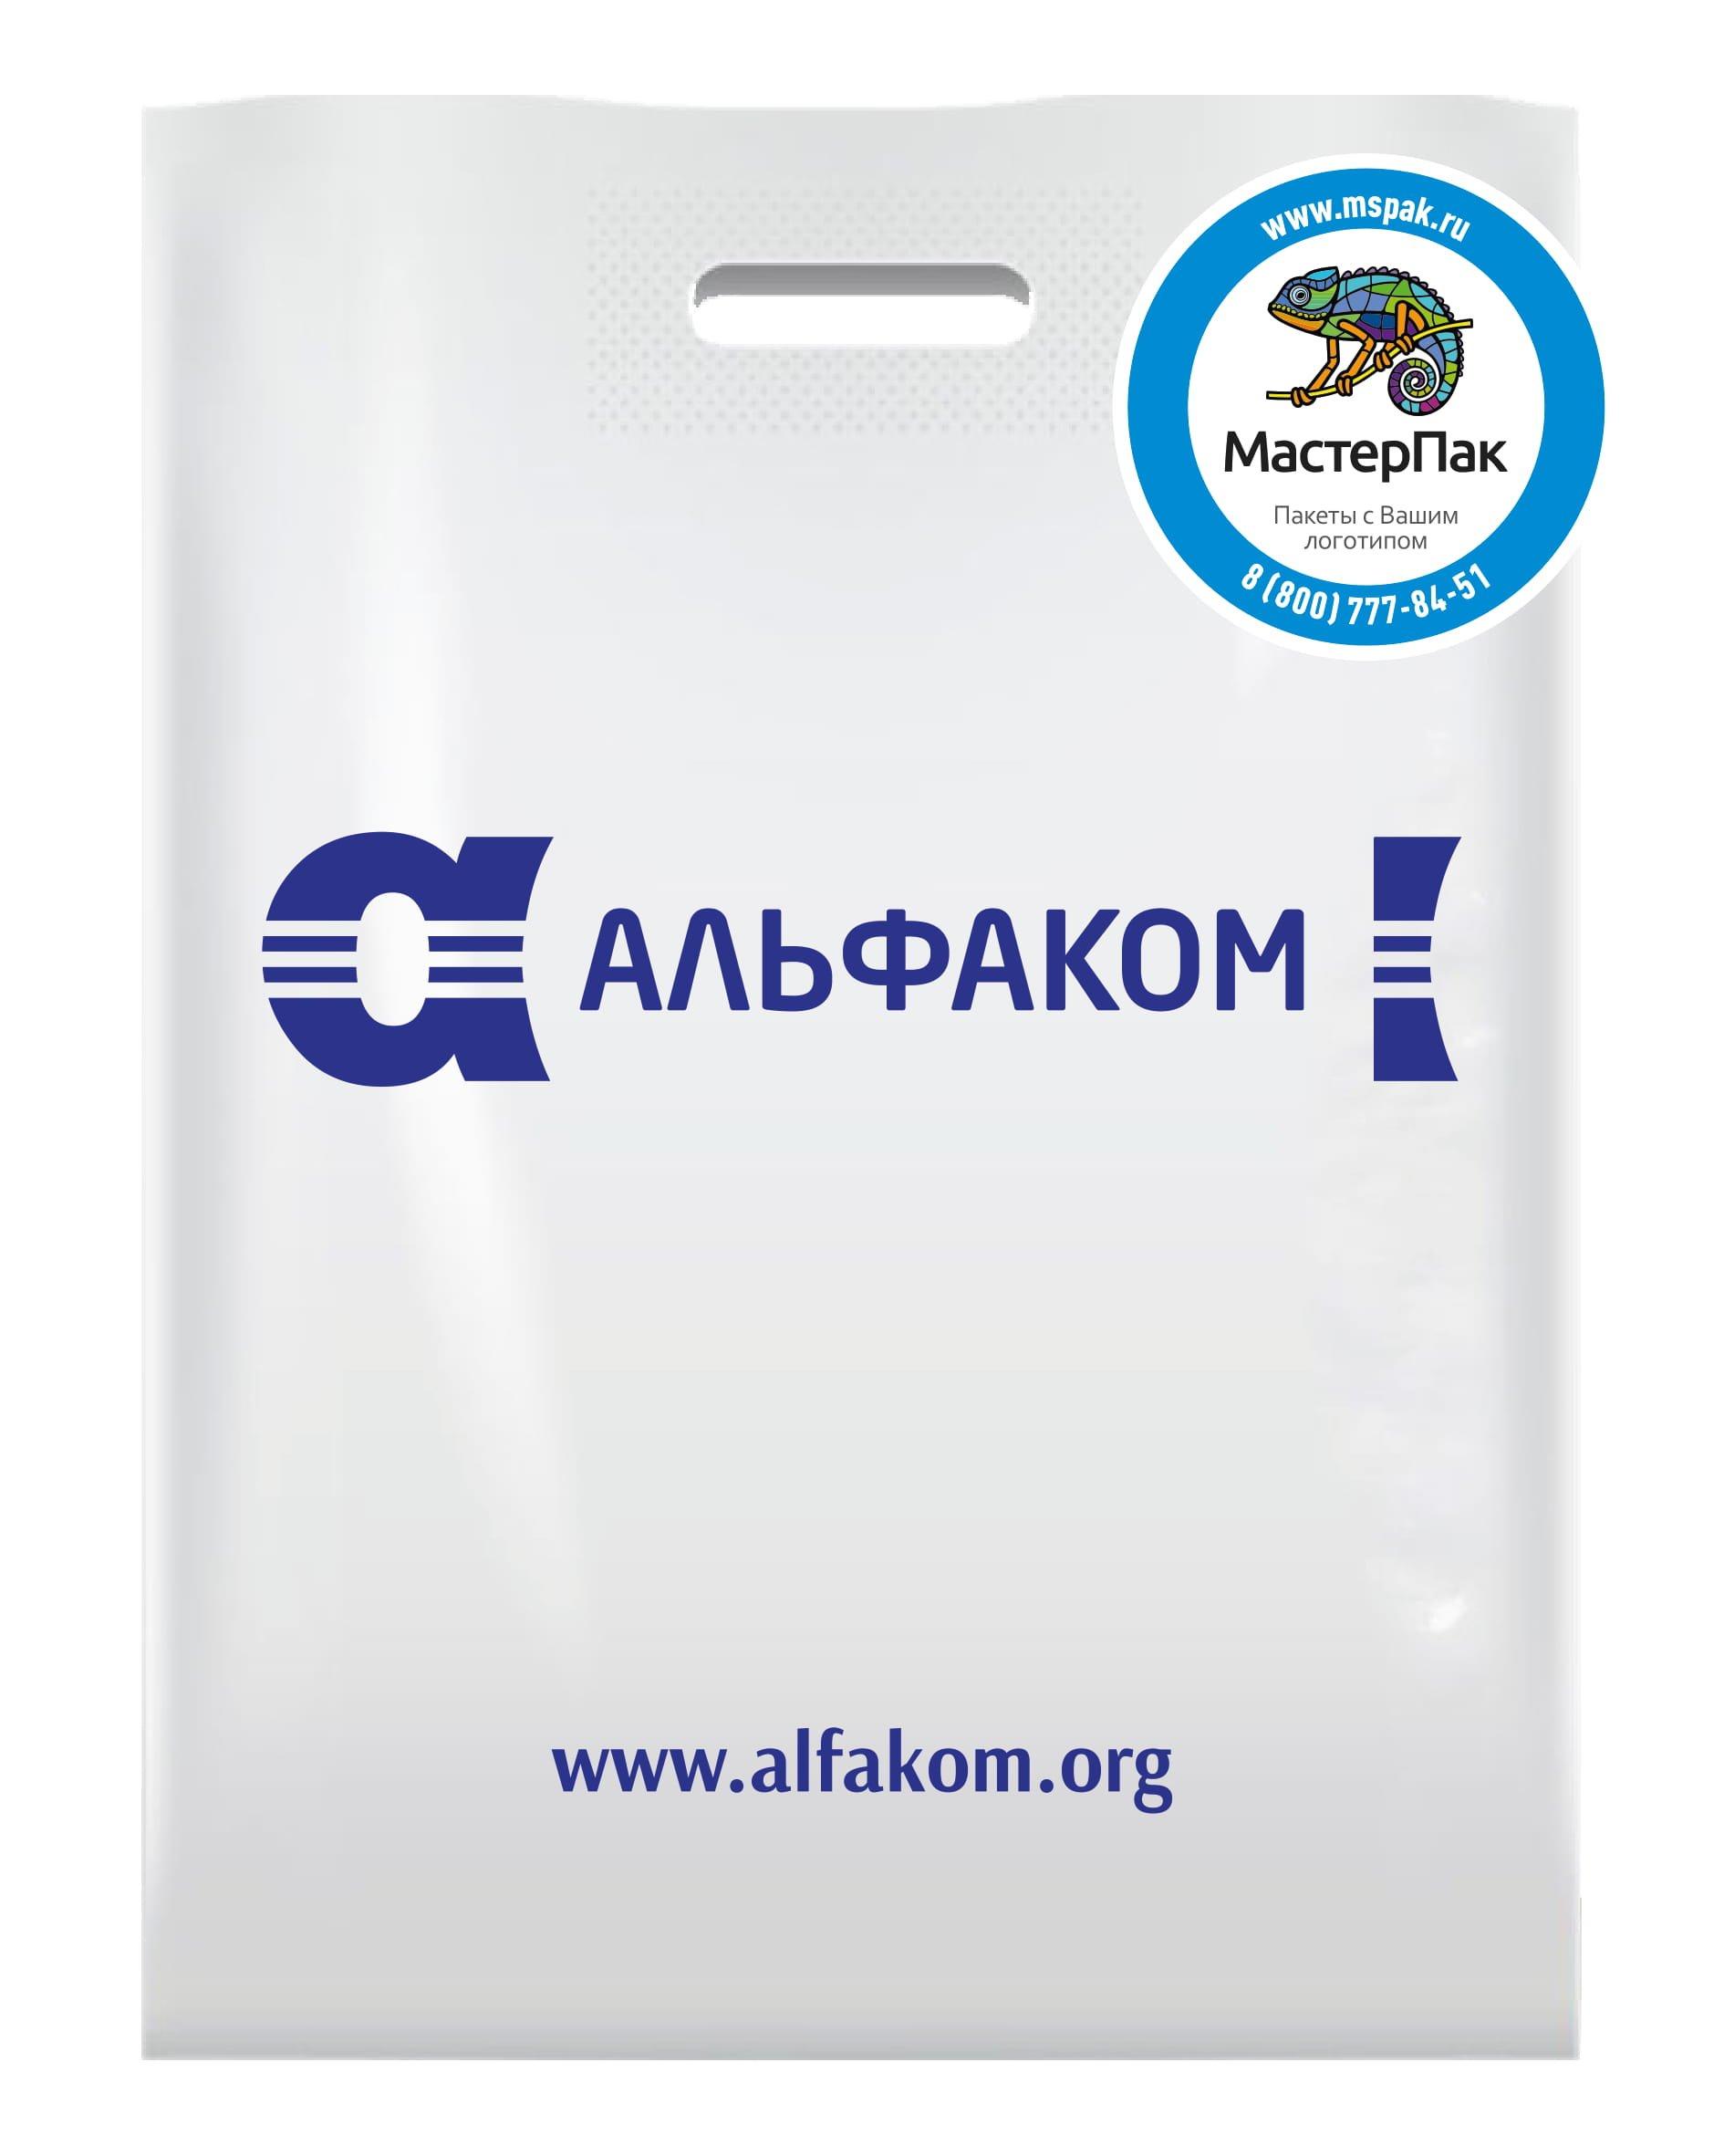 Пакет ПВД с логотипом Альфаком, Москва, 70 мкм, 30*40, белый